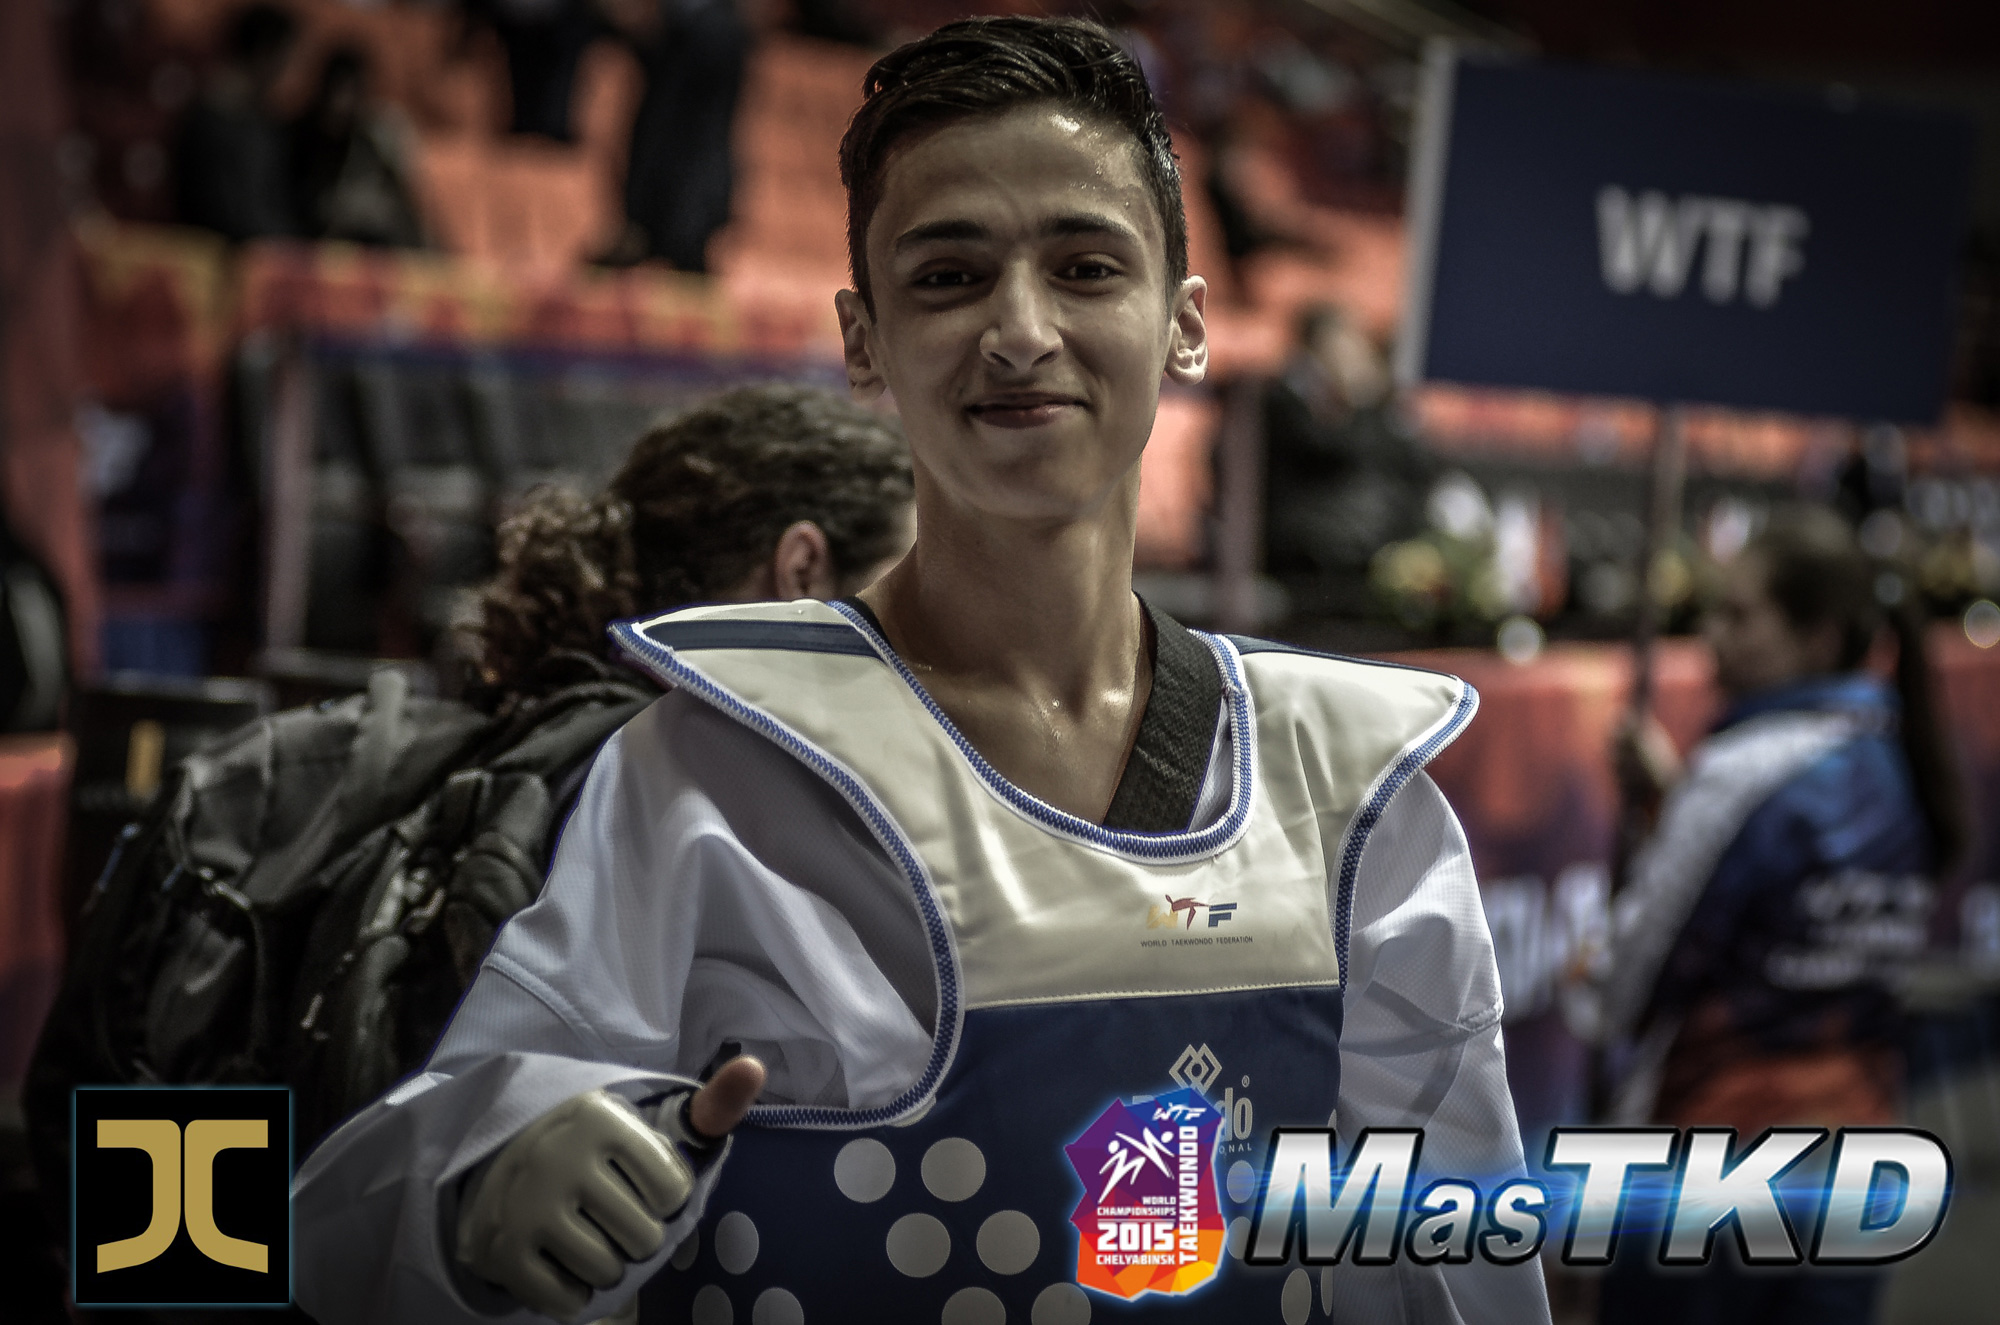 11_20150512_Taekwondo-Mundial_JC-Seleccion_D1_DSC6098